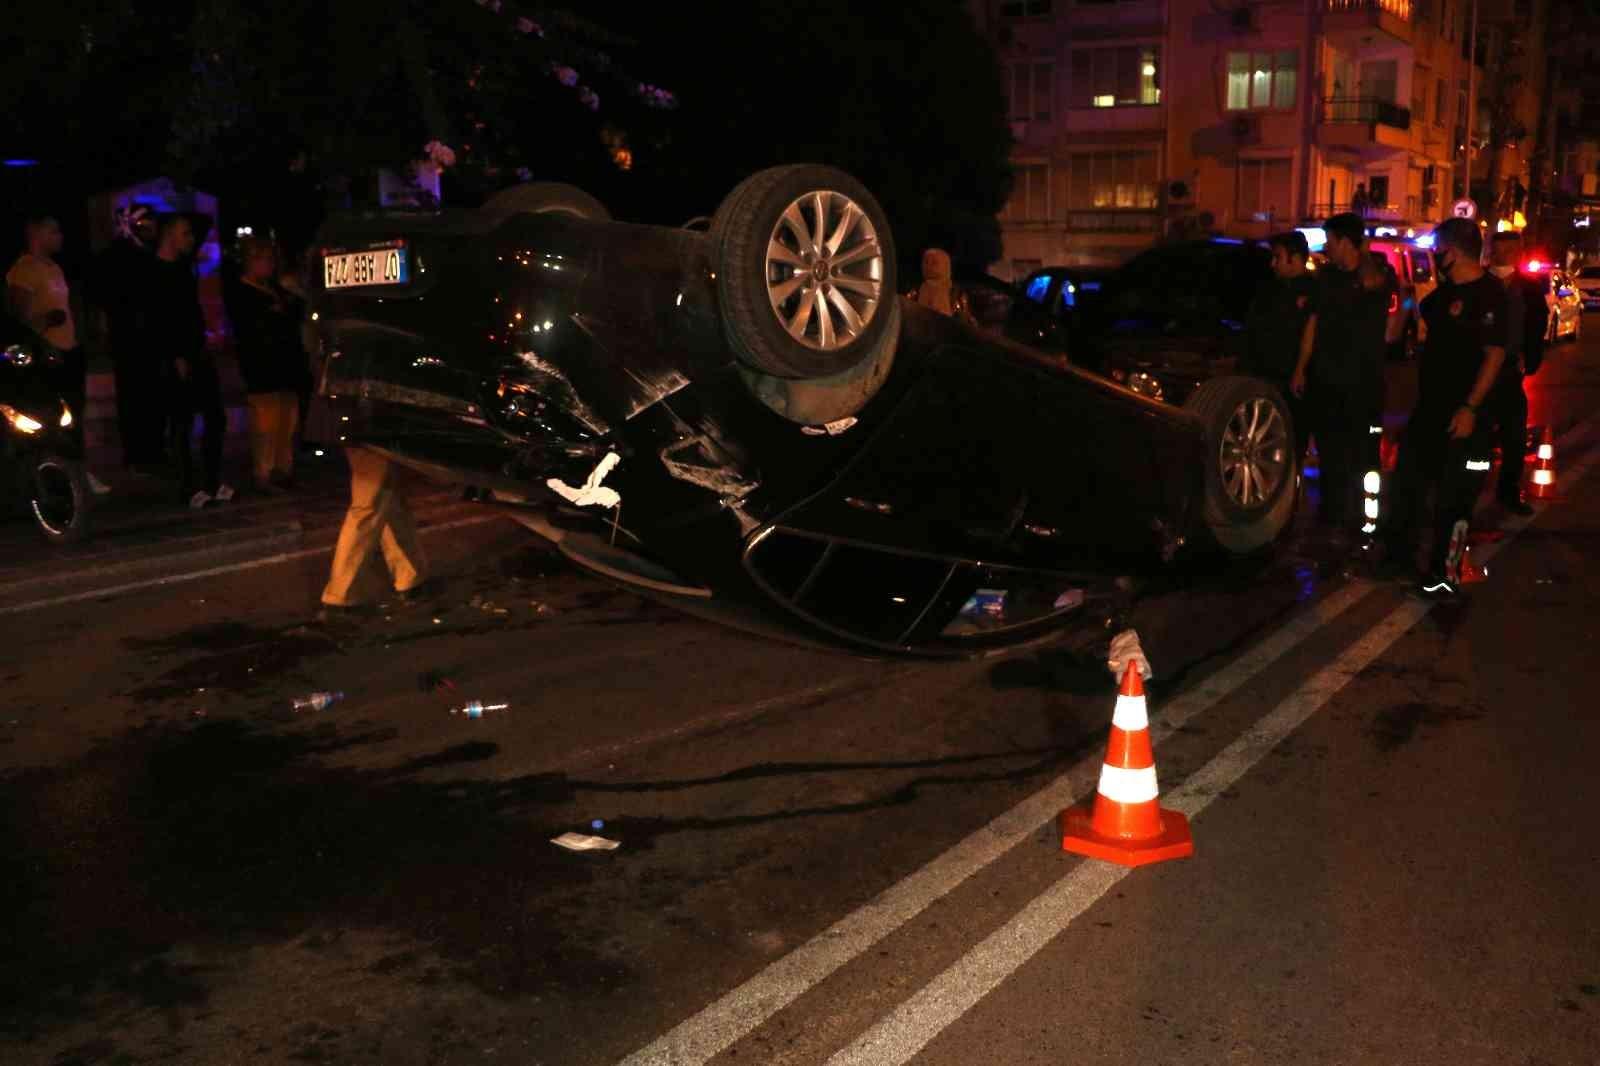 """Kaza sonrası sürücüler arasında """"beddua"""" tartışması"""